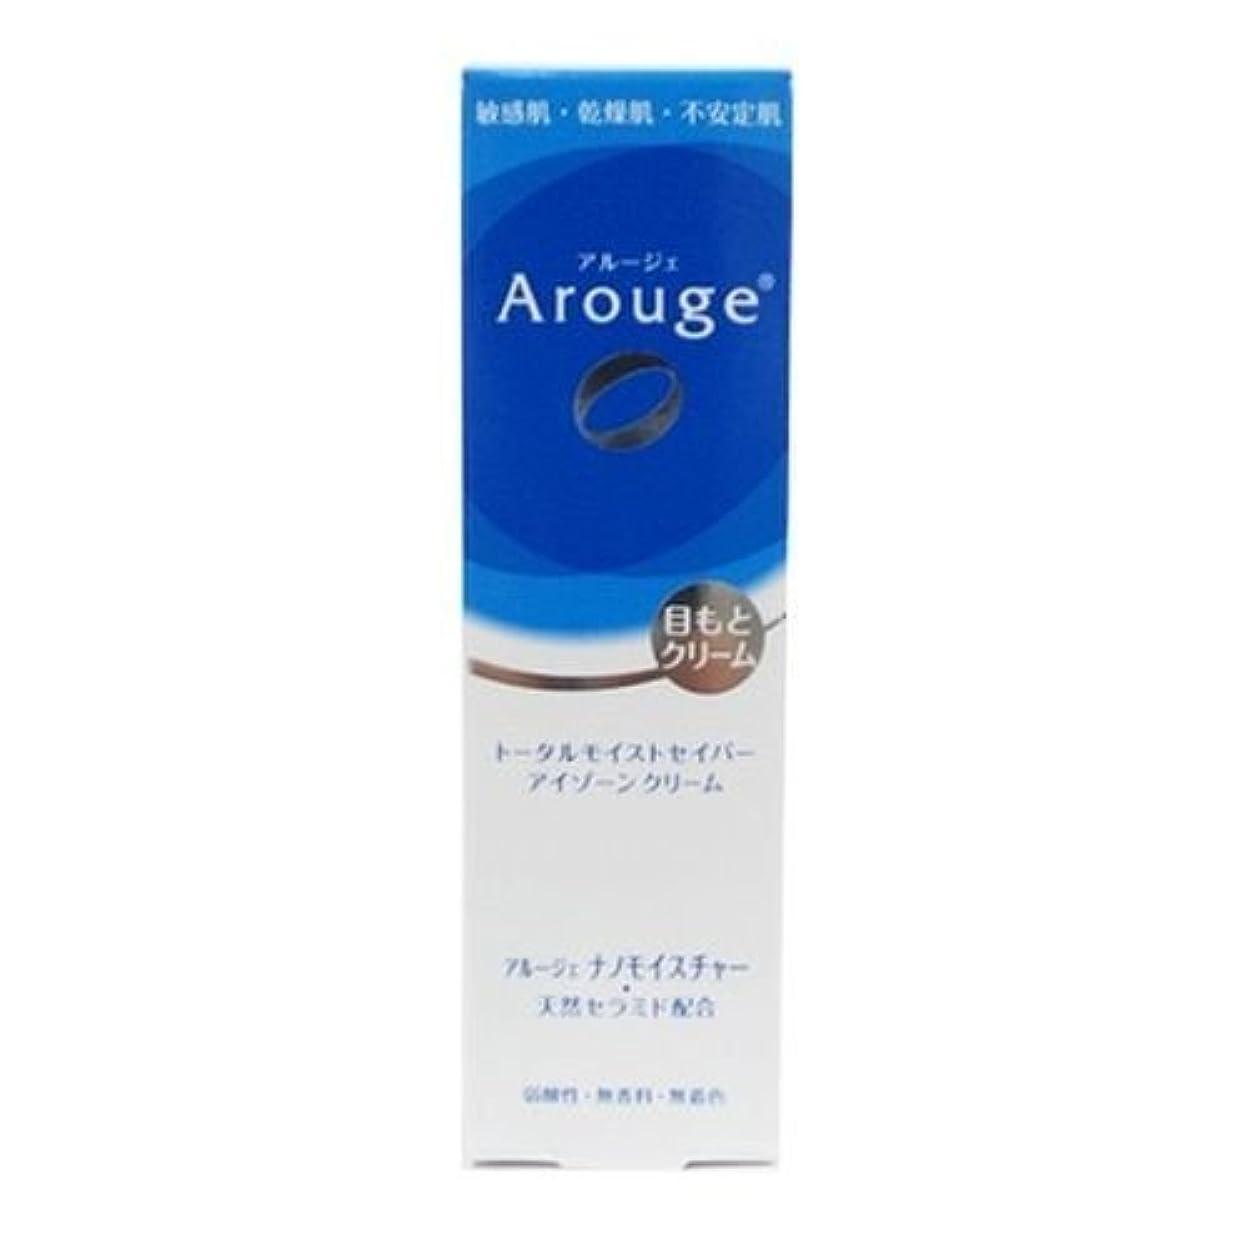 伴うサンダース対人アルージェ(Arouge)トータルモイストセイバー アイゾーンクリーム 15g